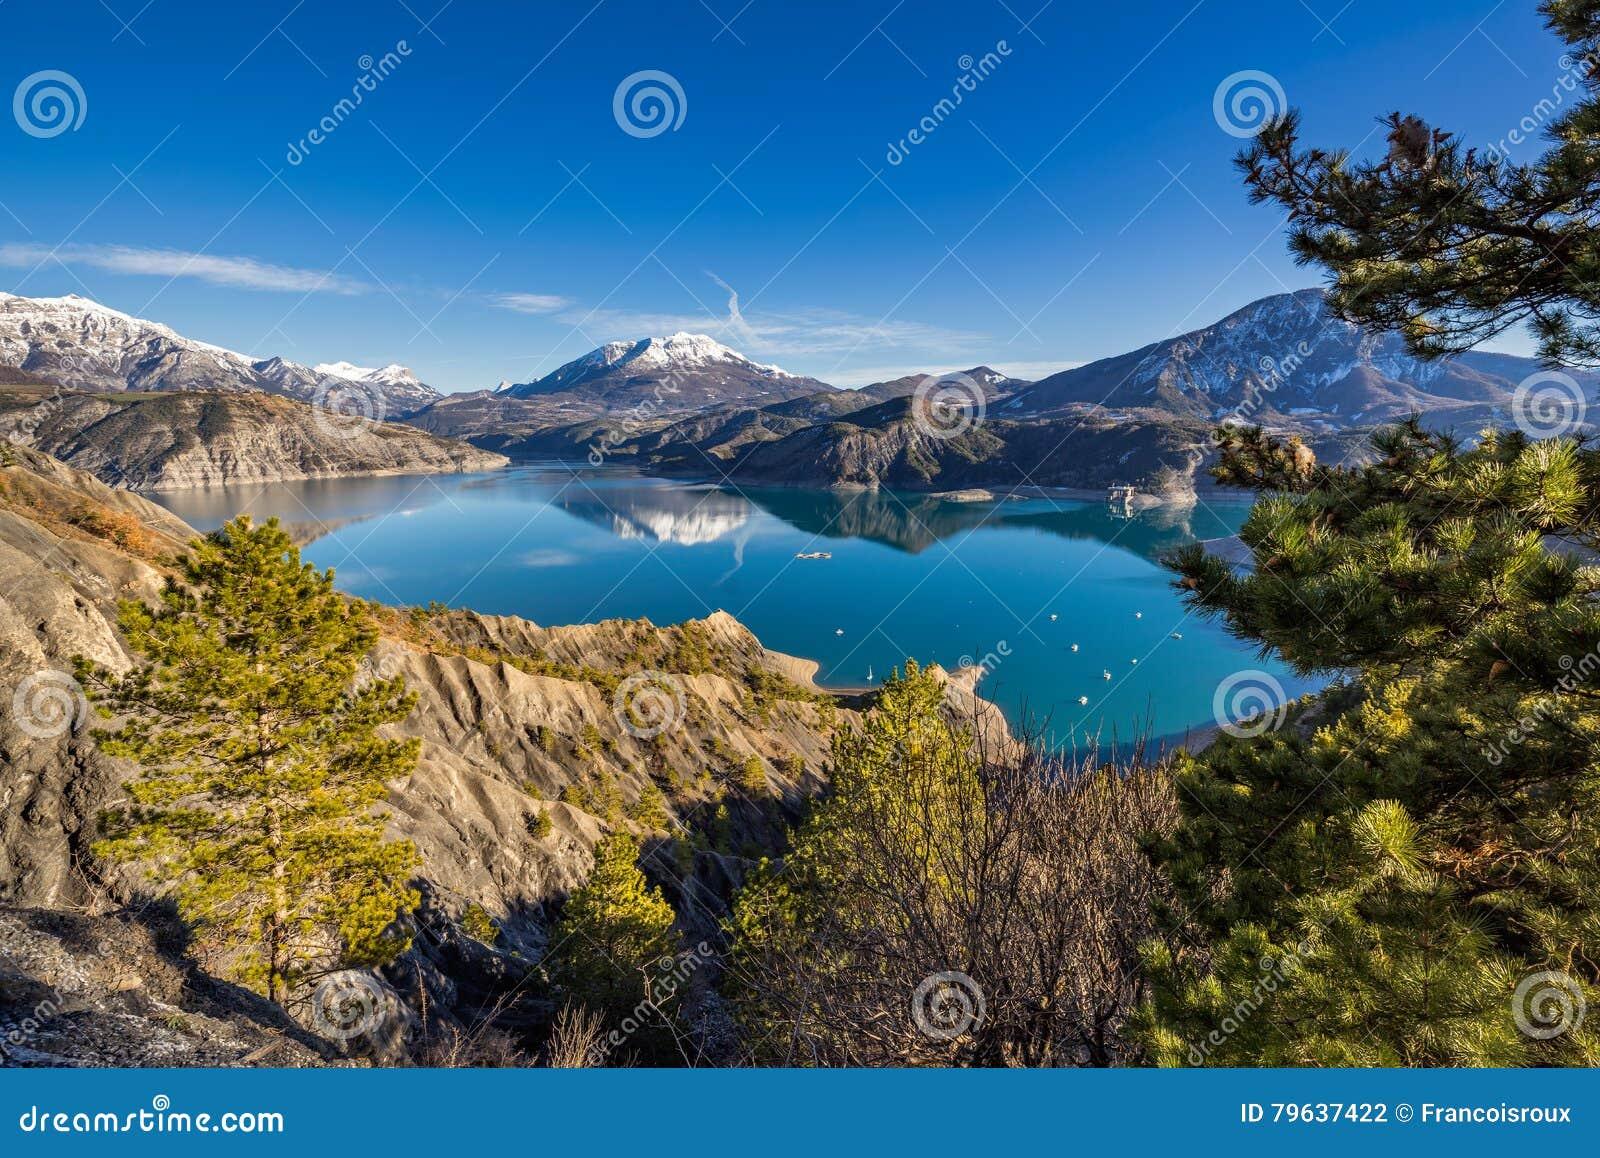 Lac Serre Poncon : La provence alpes l image du jour le lac de serre ponçon a un